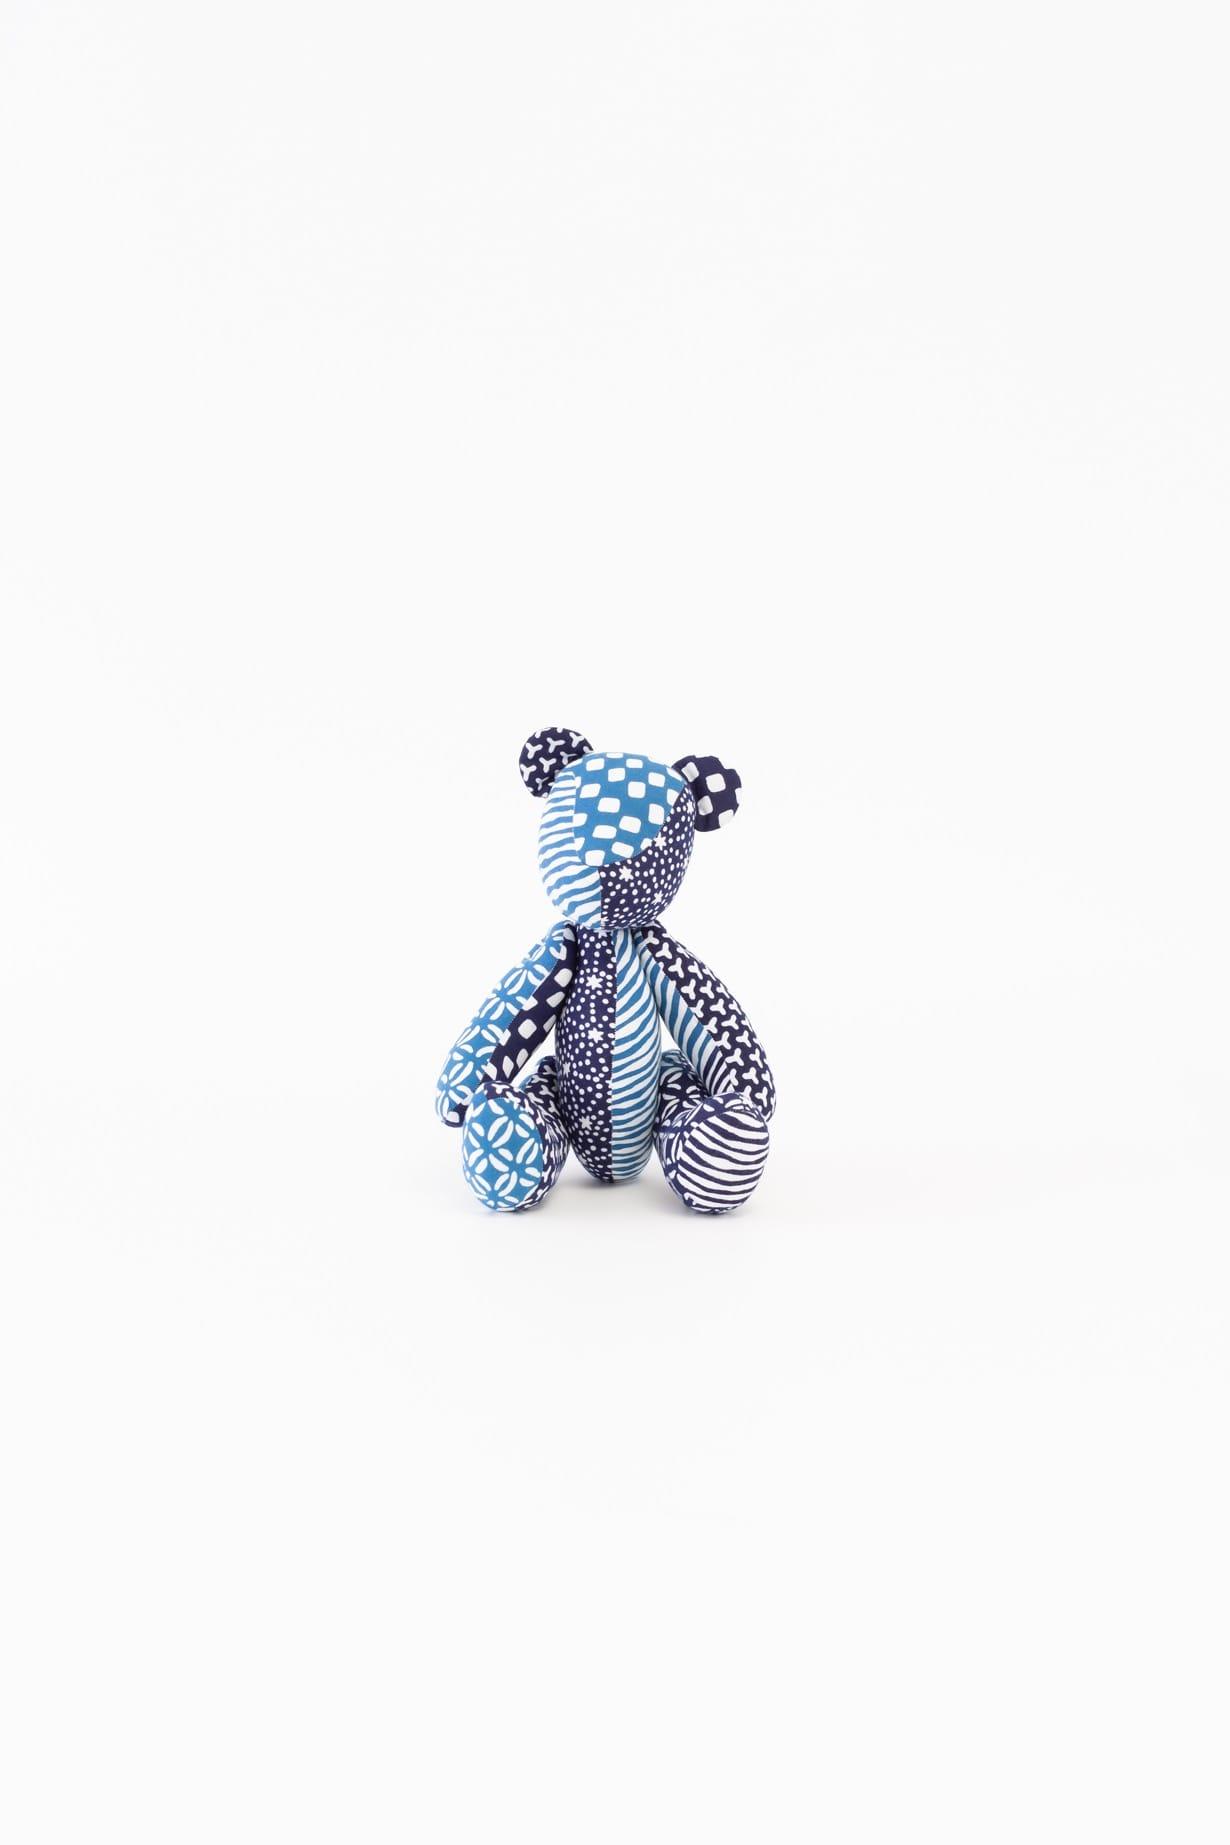 くま(ブルー)人形 (背景明るめ)